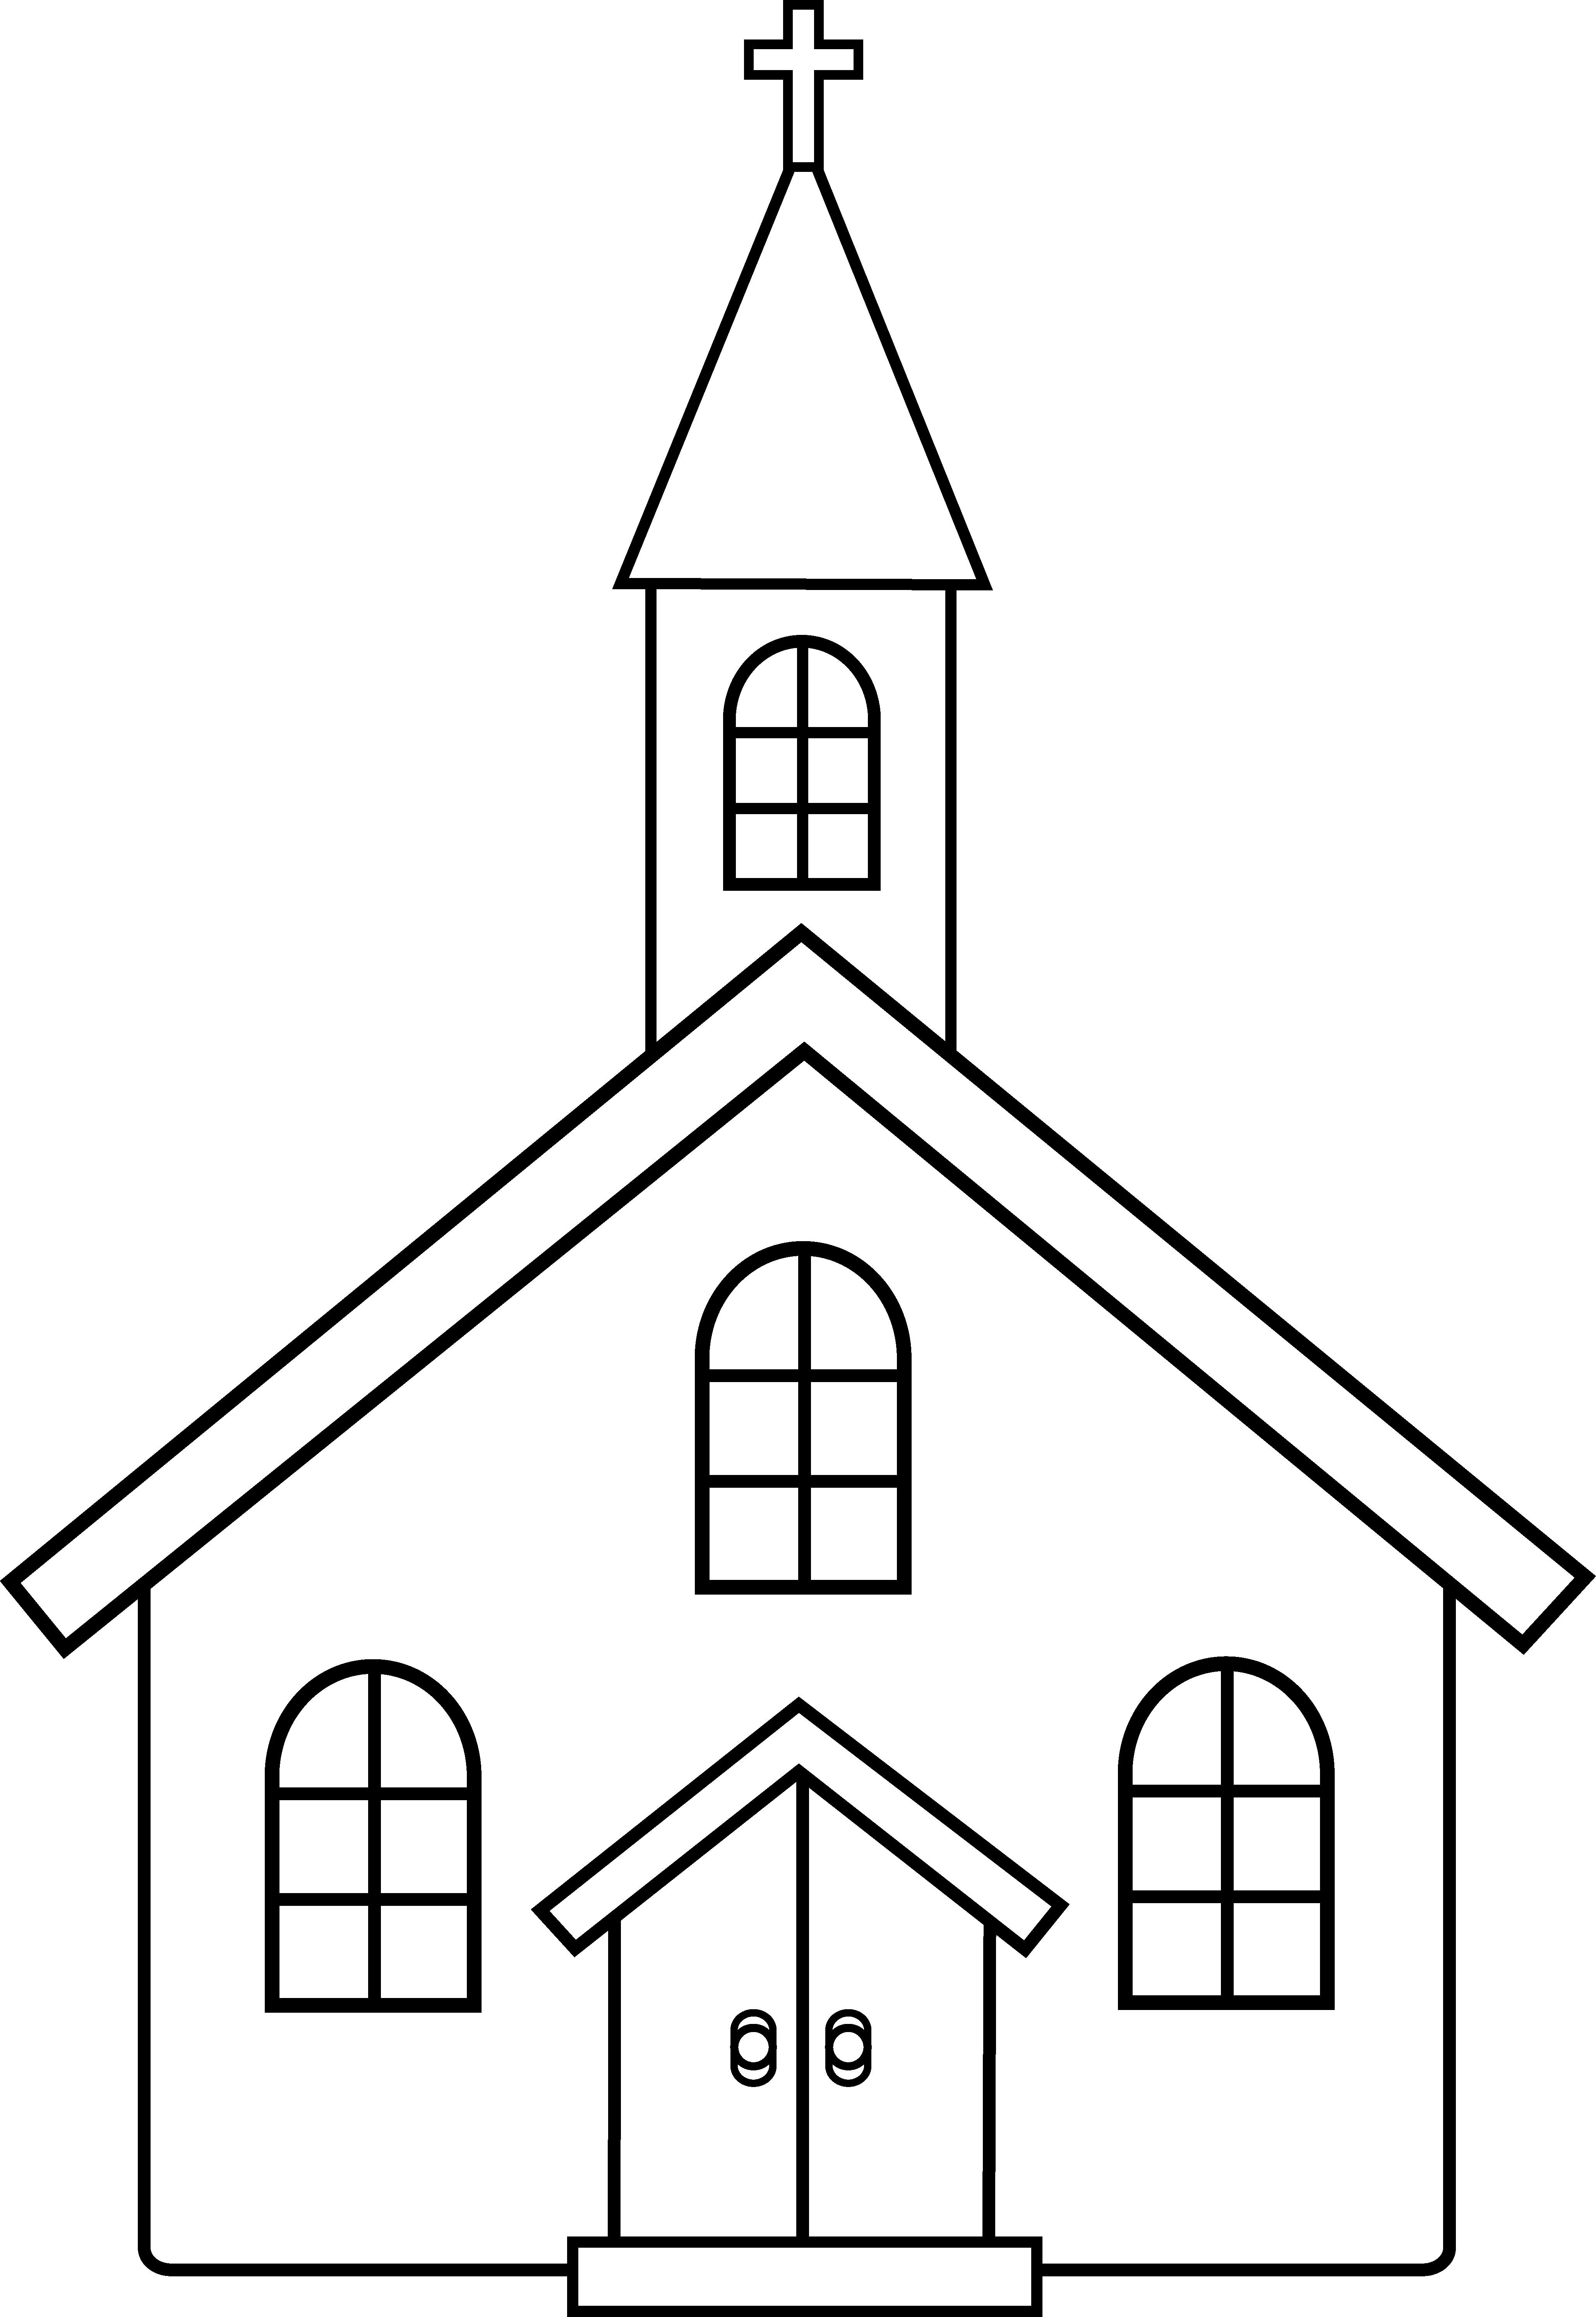 Clip Art Church Clipart Black And White church clipart black and white panda free images